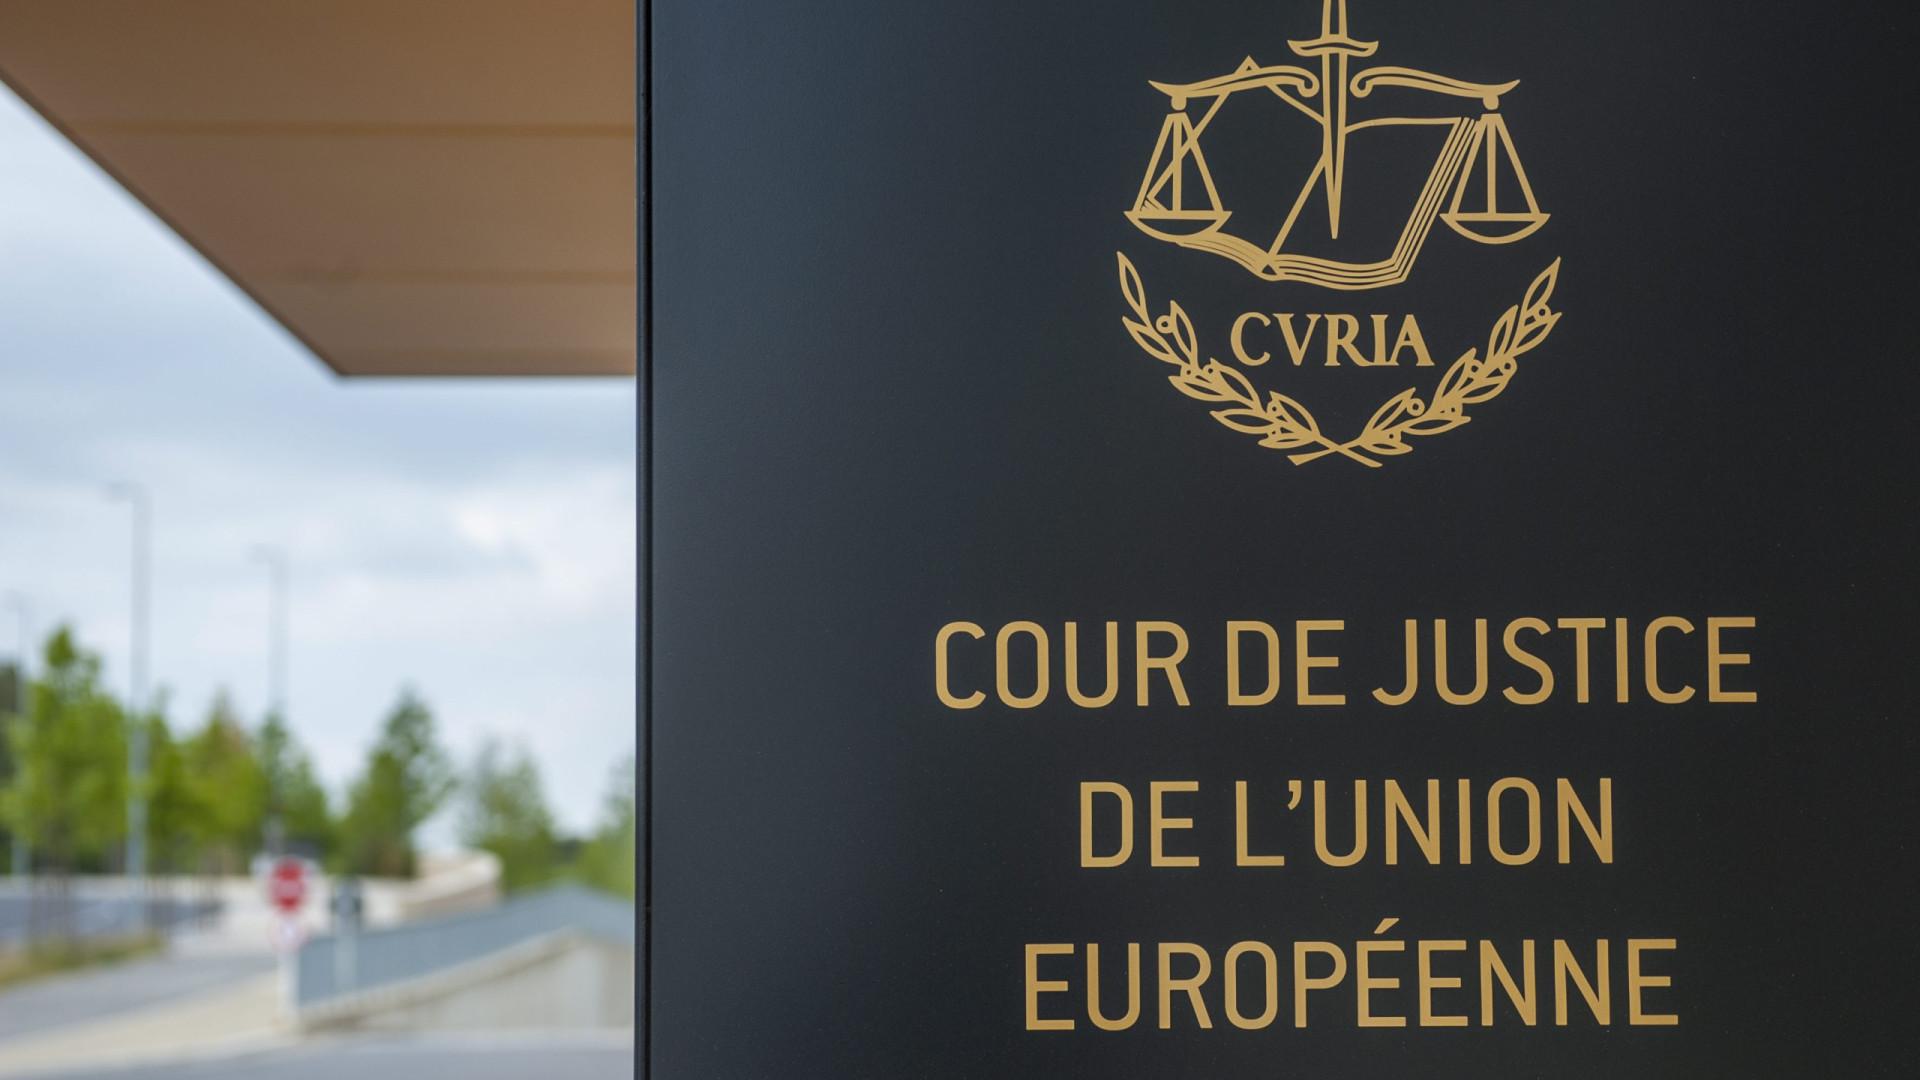 Portugal condenado a pagar 3 milhões por não tratar águas residuais